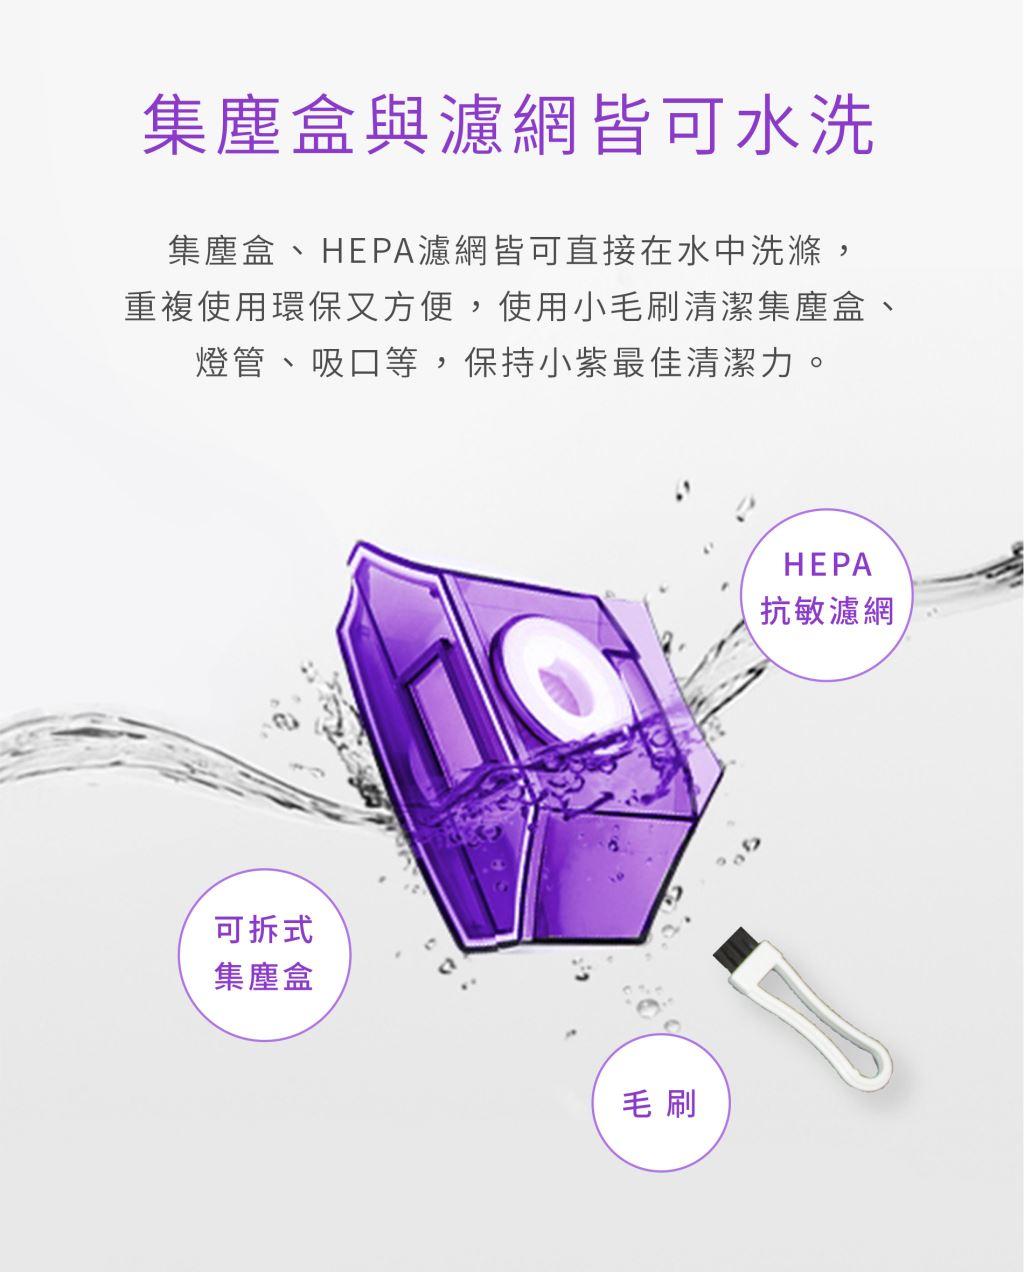 小紫集塵盒與濾網皆可水洗,重複使用更環保